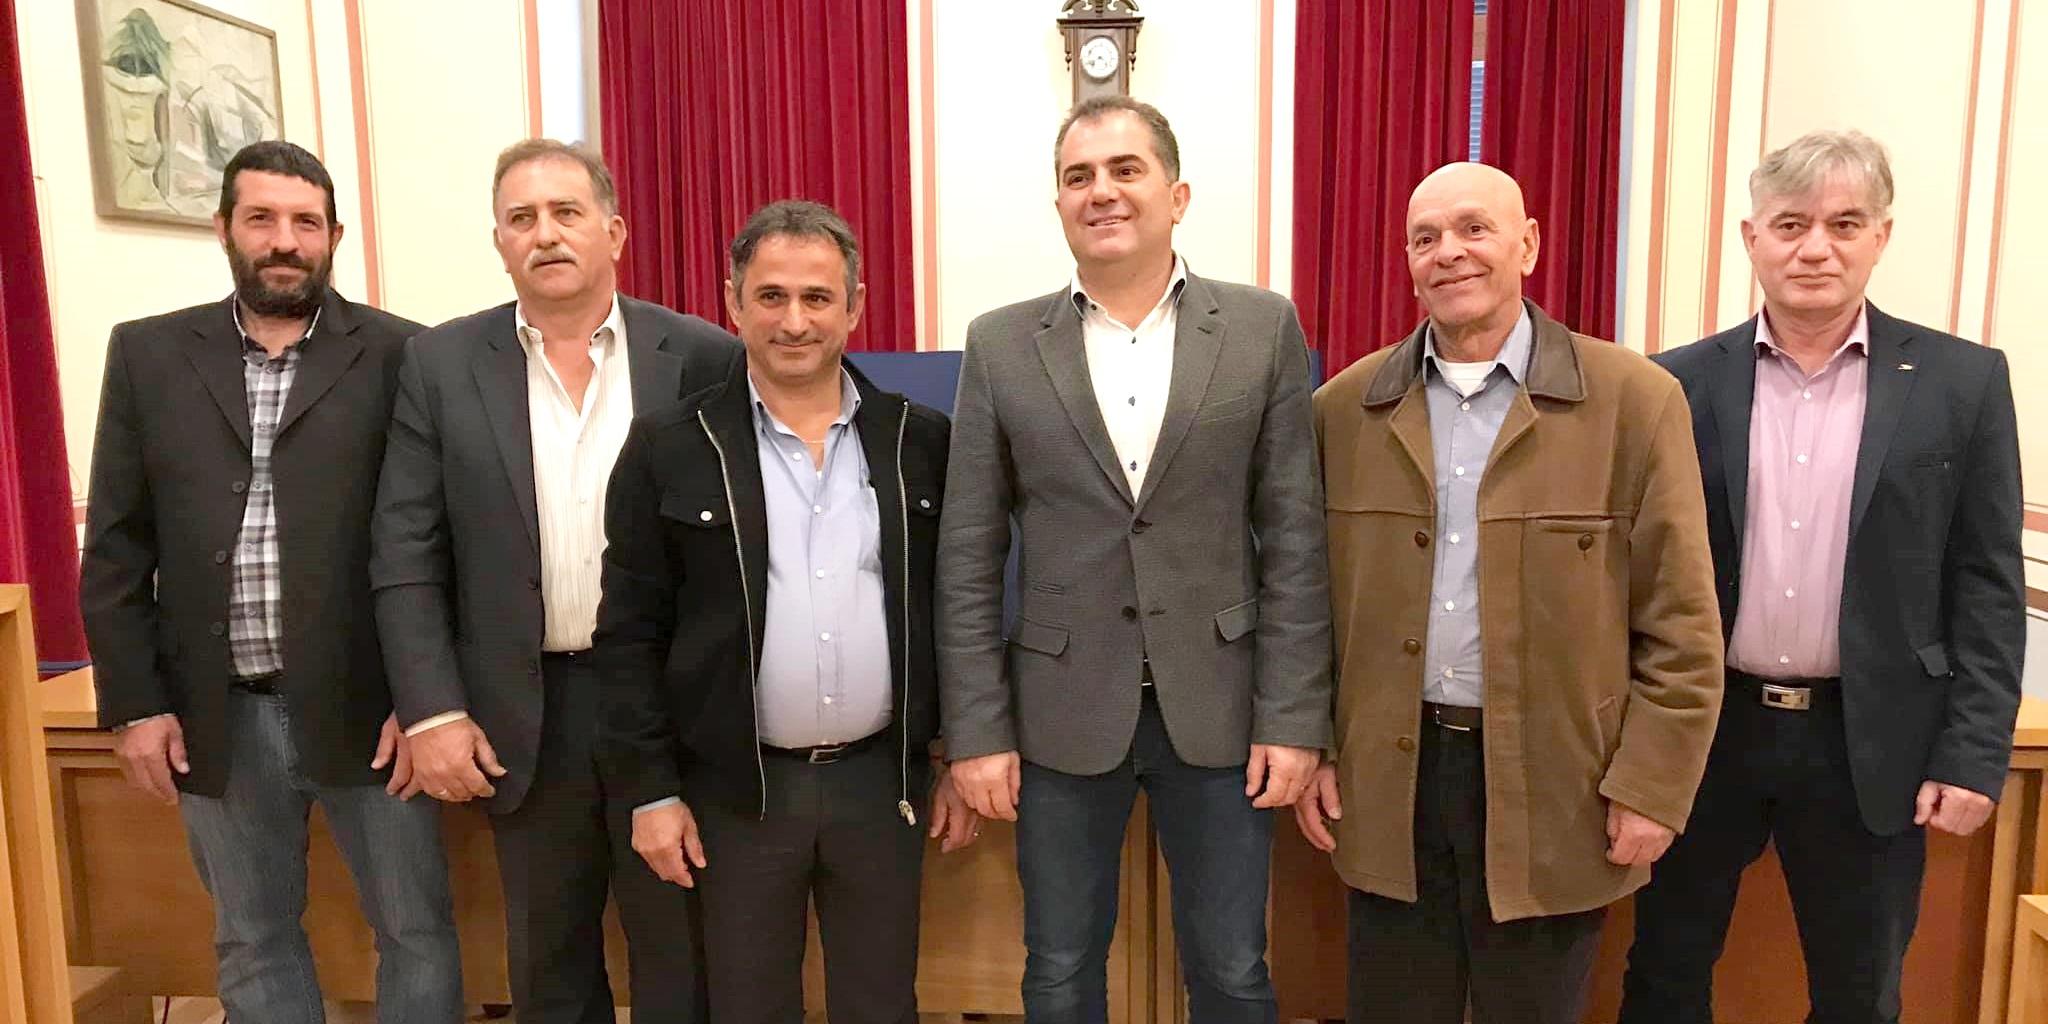 5 νέους υποψήφιους παρουσίασε ο Θ. Βασιλόπουλος φτάνοντας τους 43 45